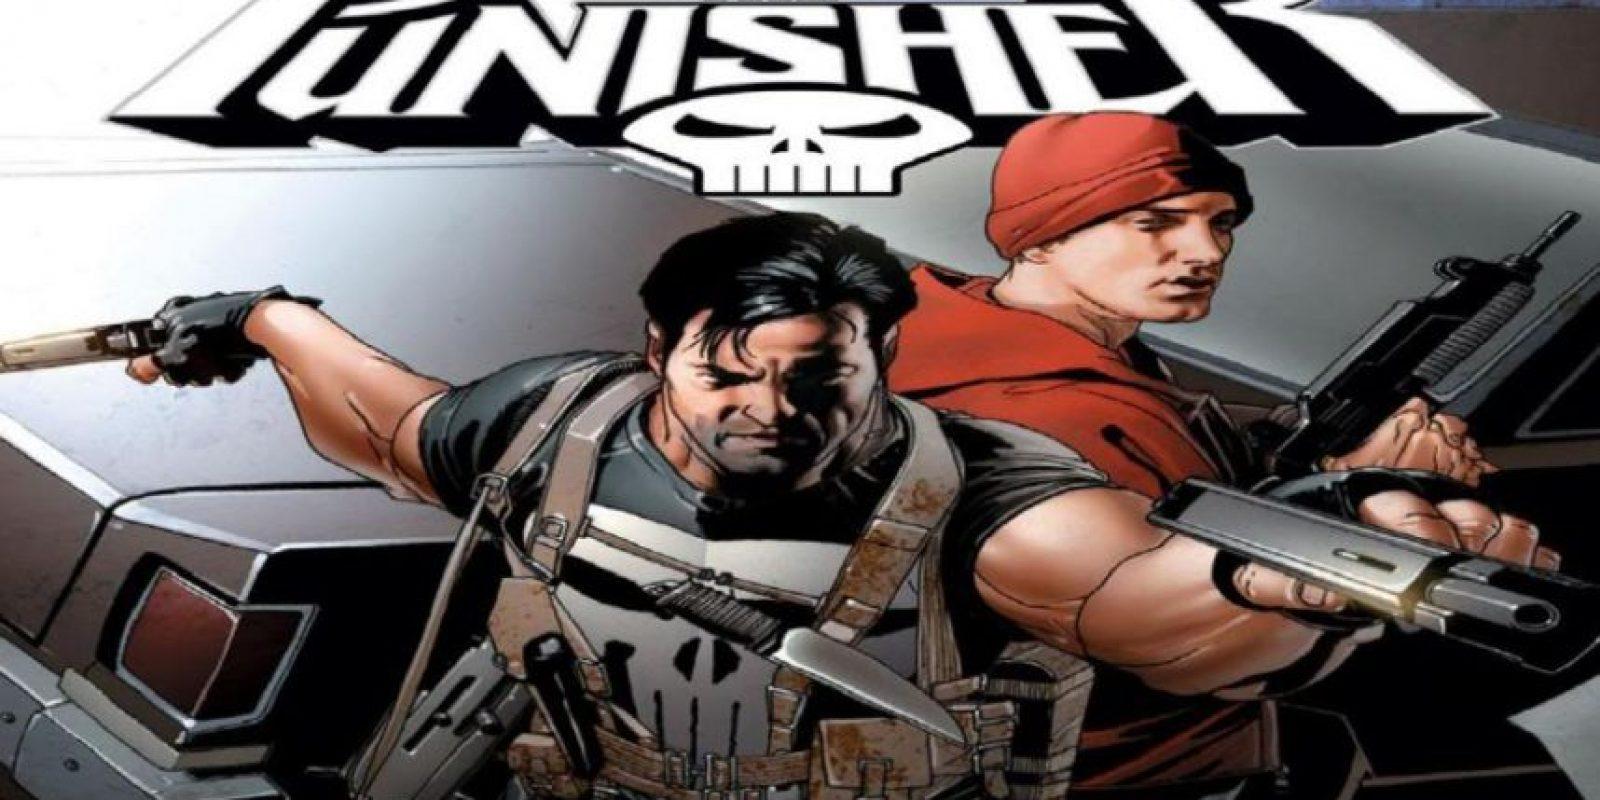 """Eminem protagonizó un cómic de acción digno de película con """"The Punisher"""". Este mata a su crew (WTF) y luego Barracuda (enemigo de Punisher) quiere matarle. Foto:vía Marvel Cómics"""